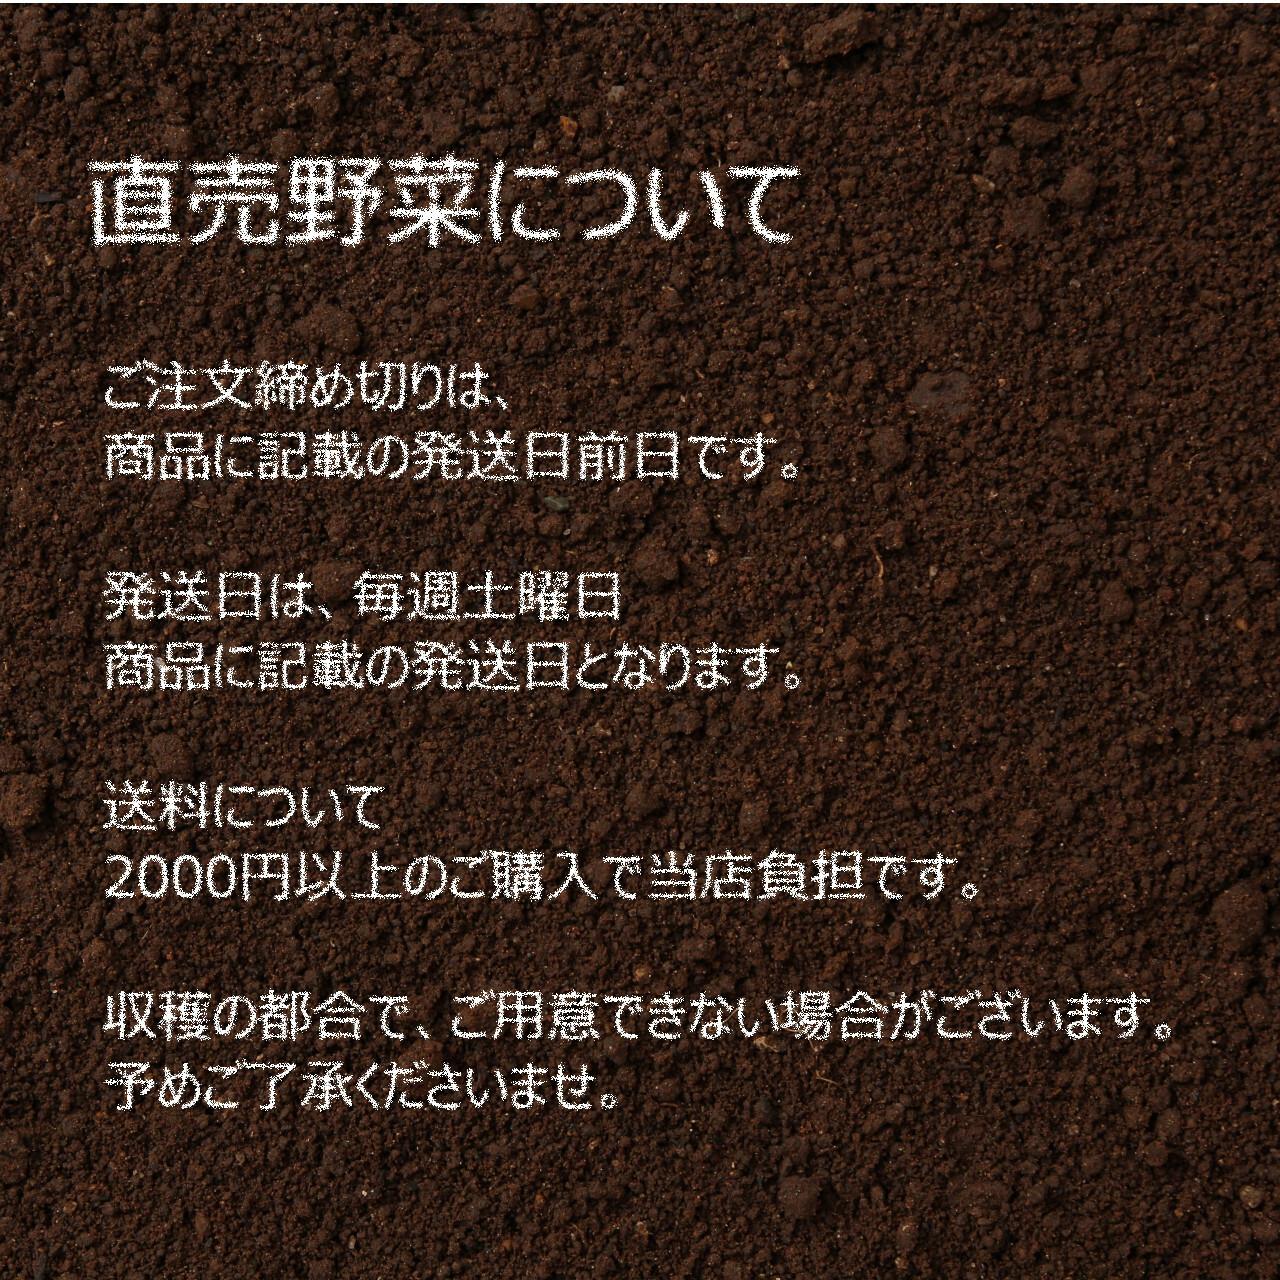 朝採り直売野菜 とう菜 400g 4月20日発送予定